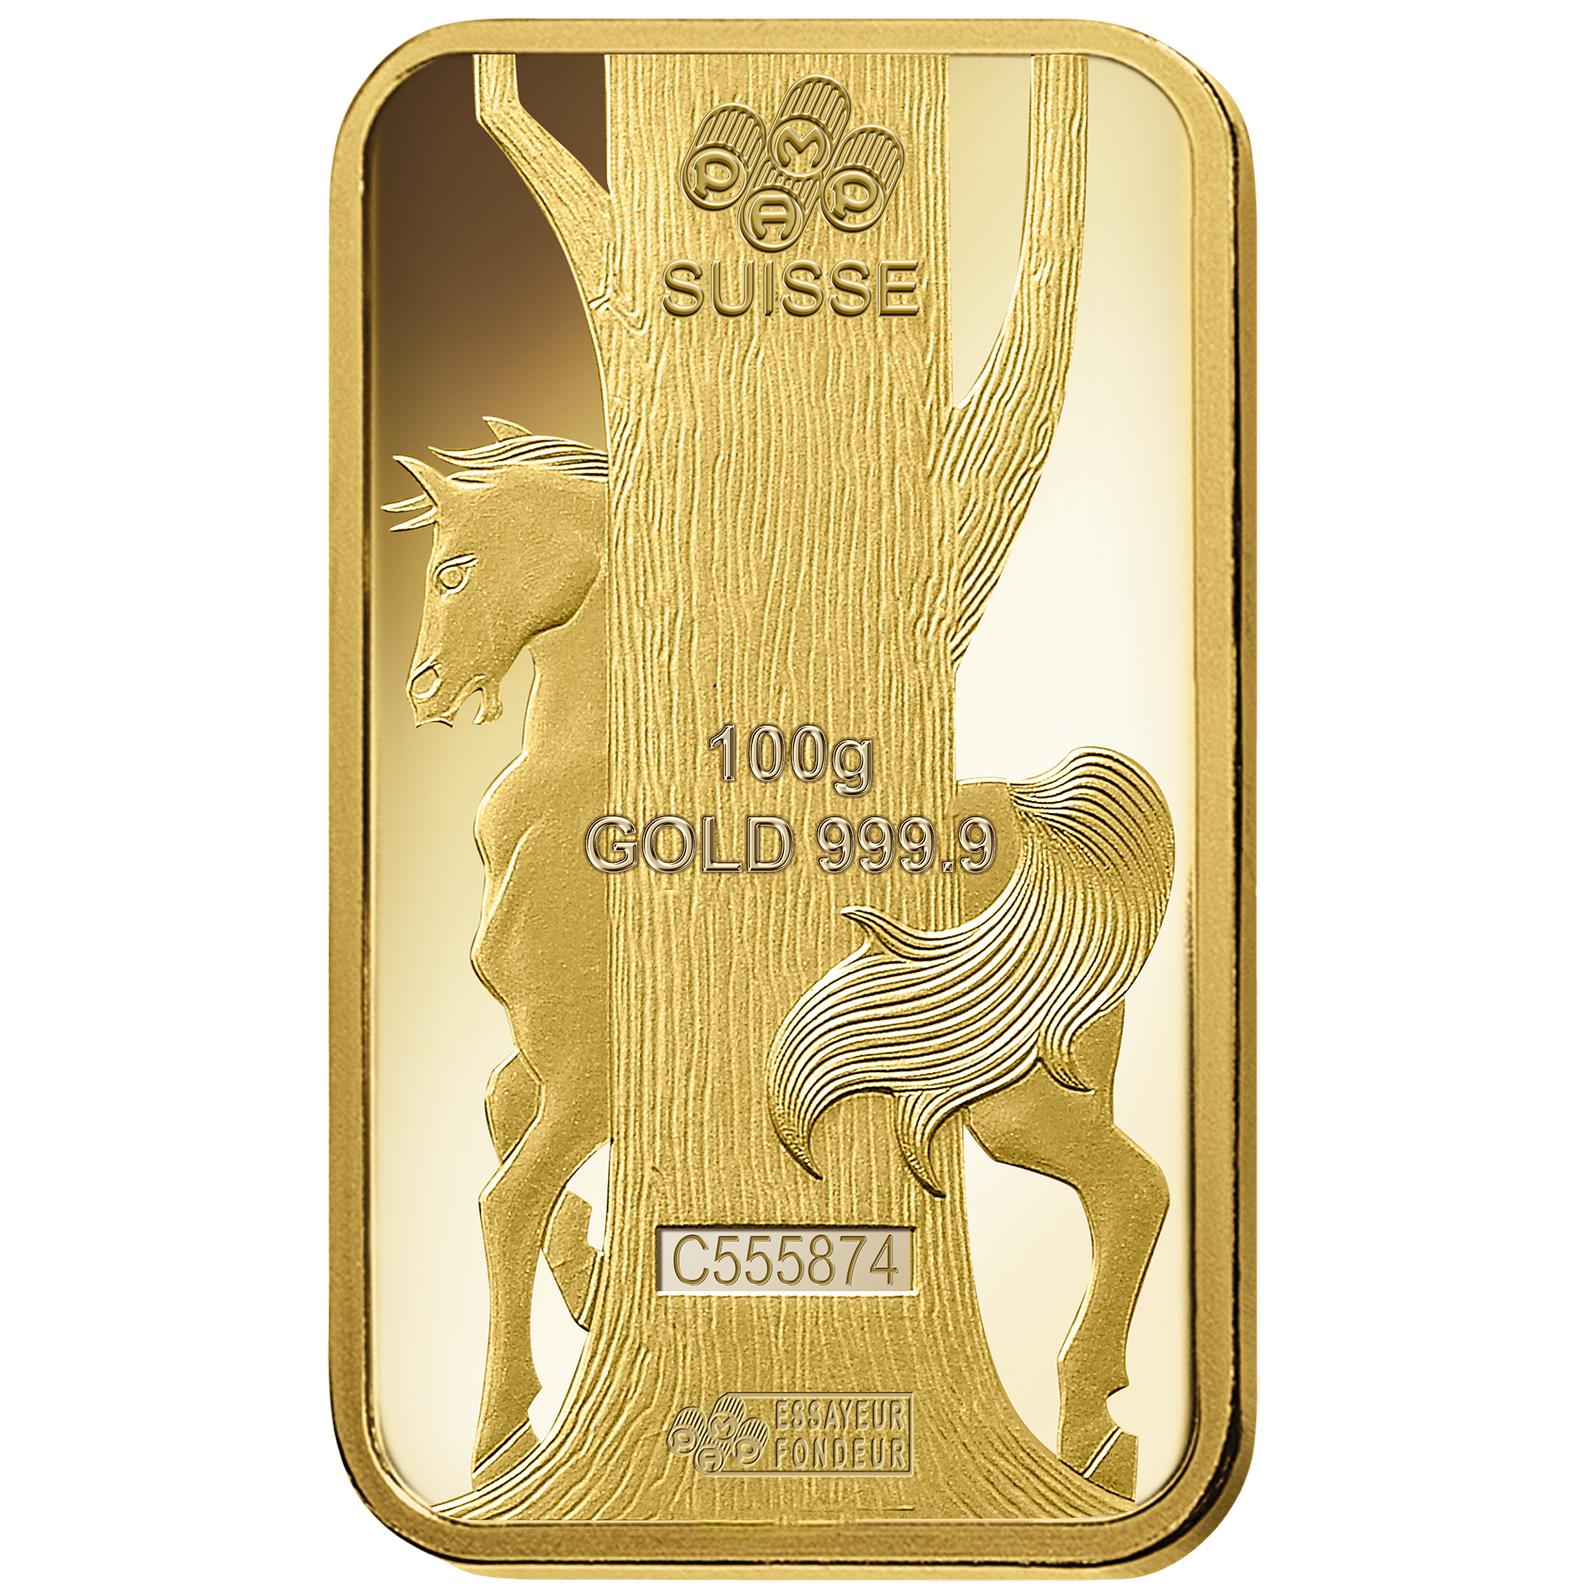 100 gram Fine Gold Bar 999.9 - PAMP Suisse Lunar Horse